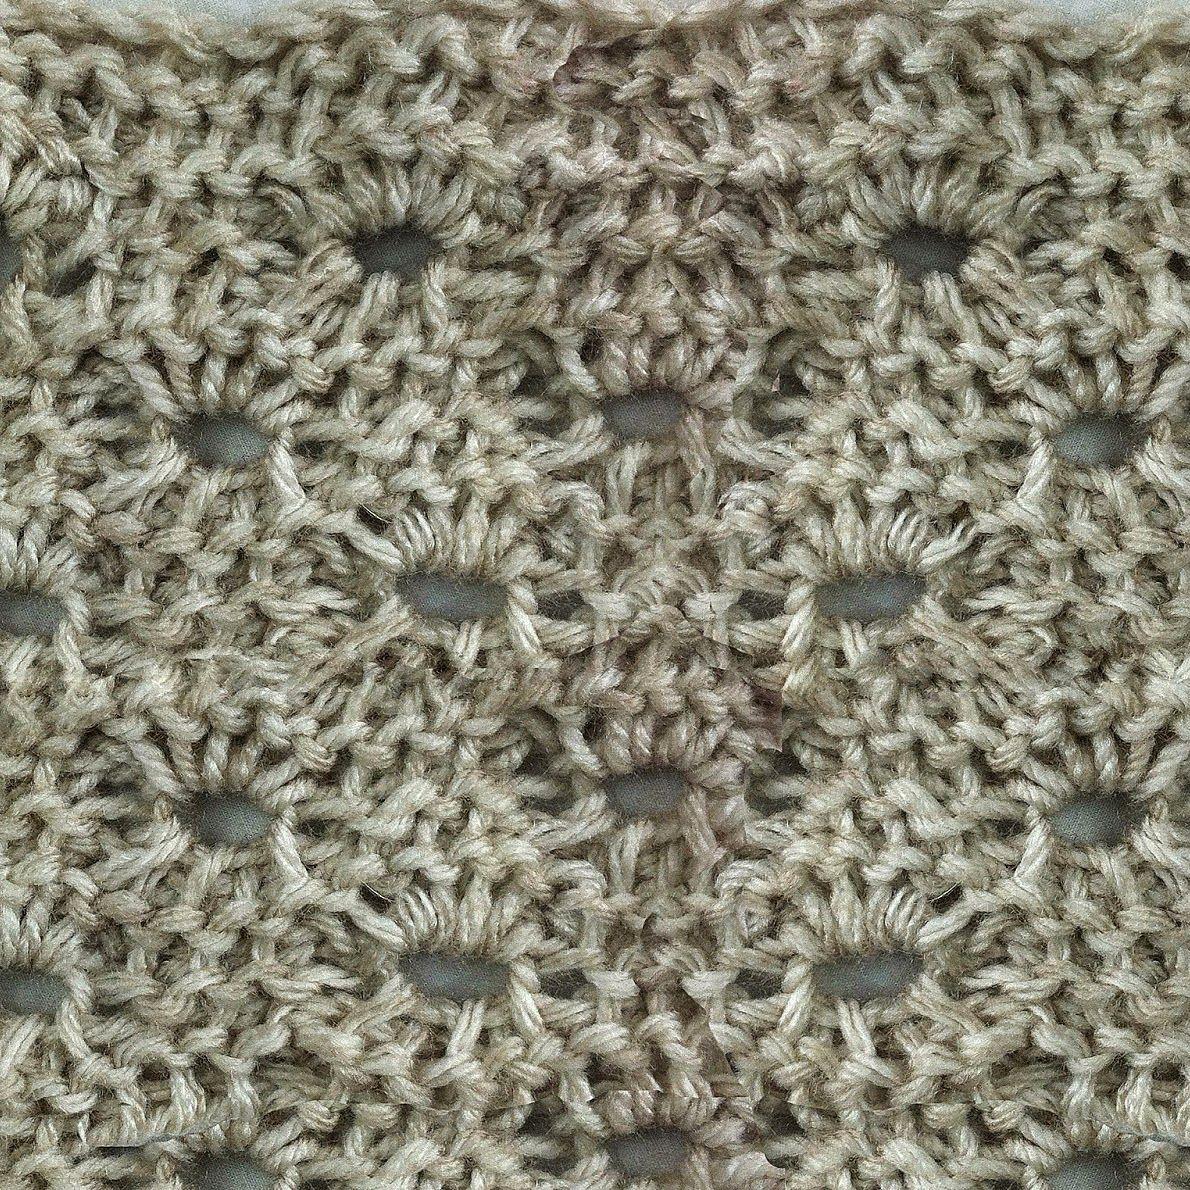 My Tunisian Crochet: Tunisian Crochet Beehive Pattern   Tunisian ...